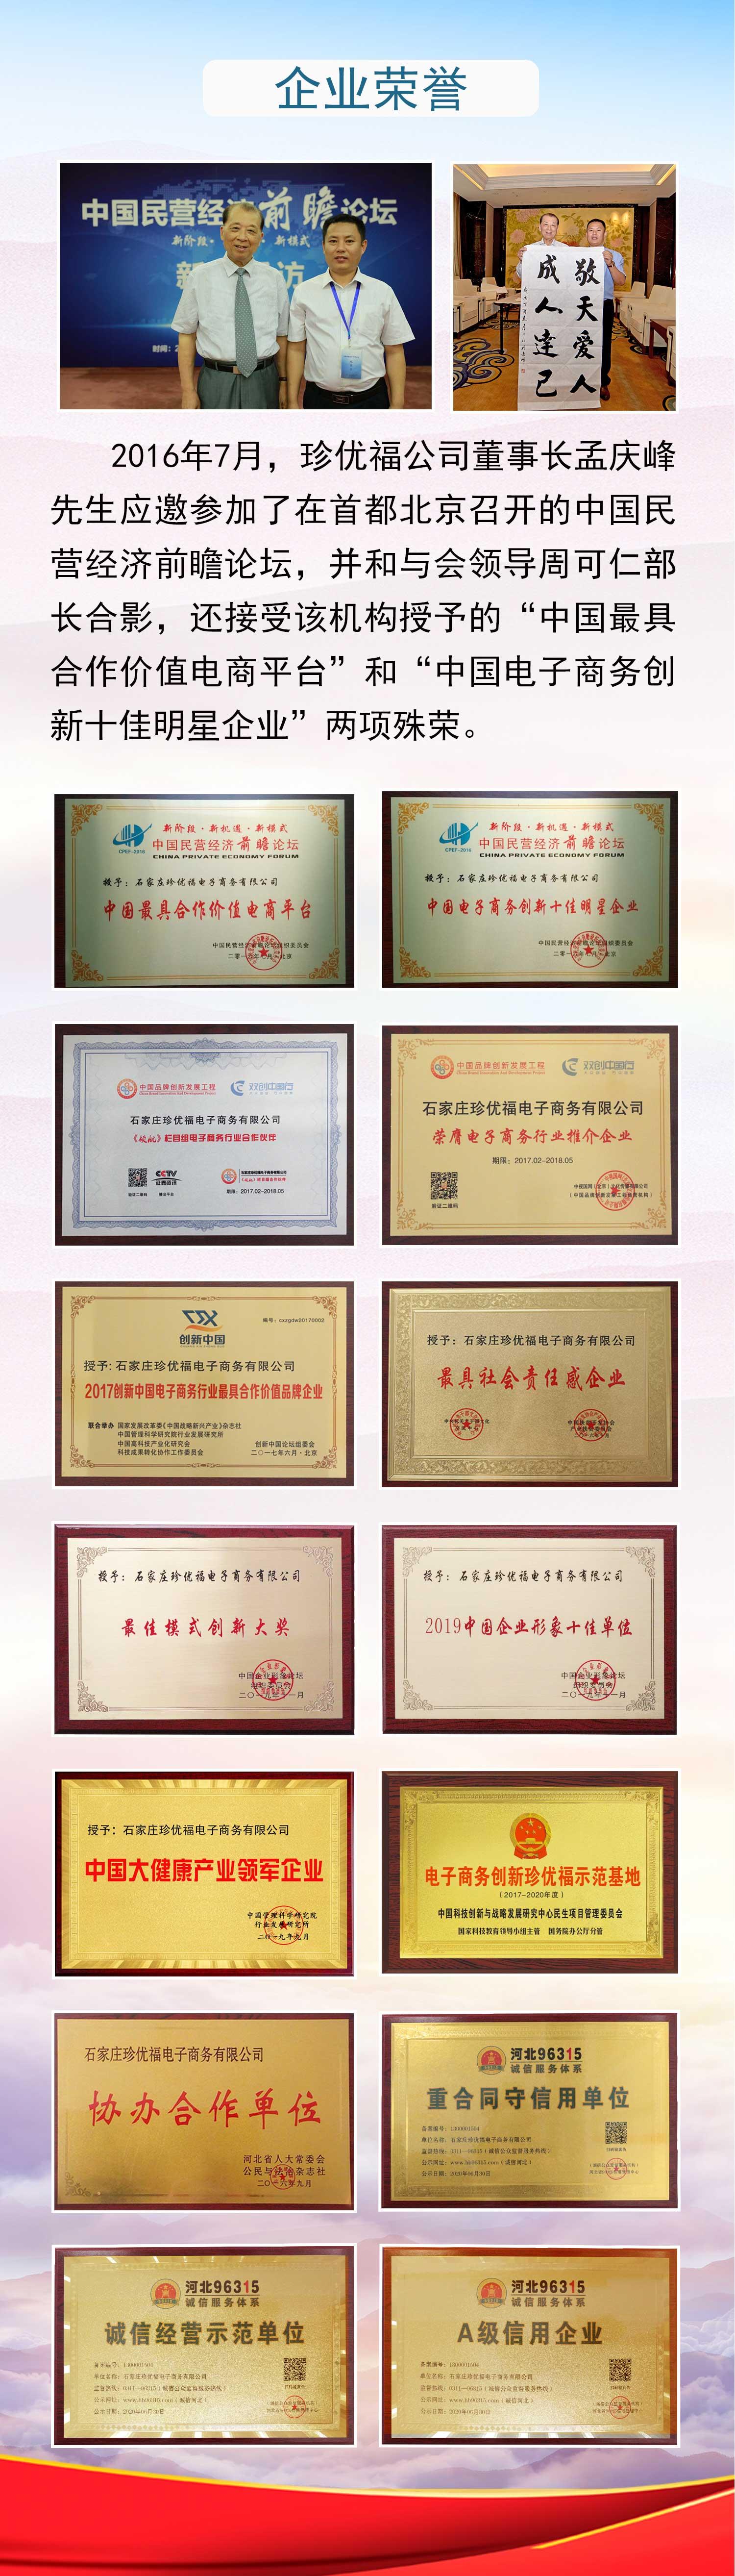 http://image.zhenyoufu.com.cn/shop/article/06711082922322492.jpg